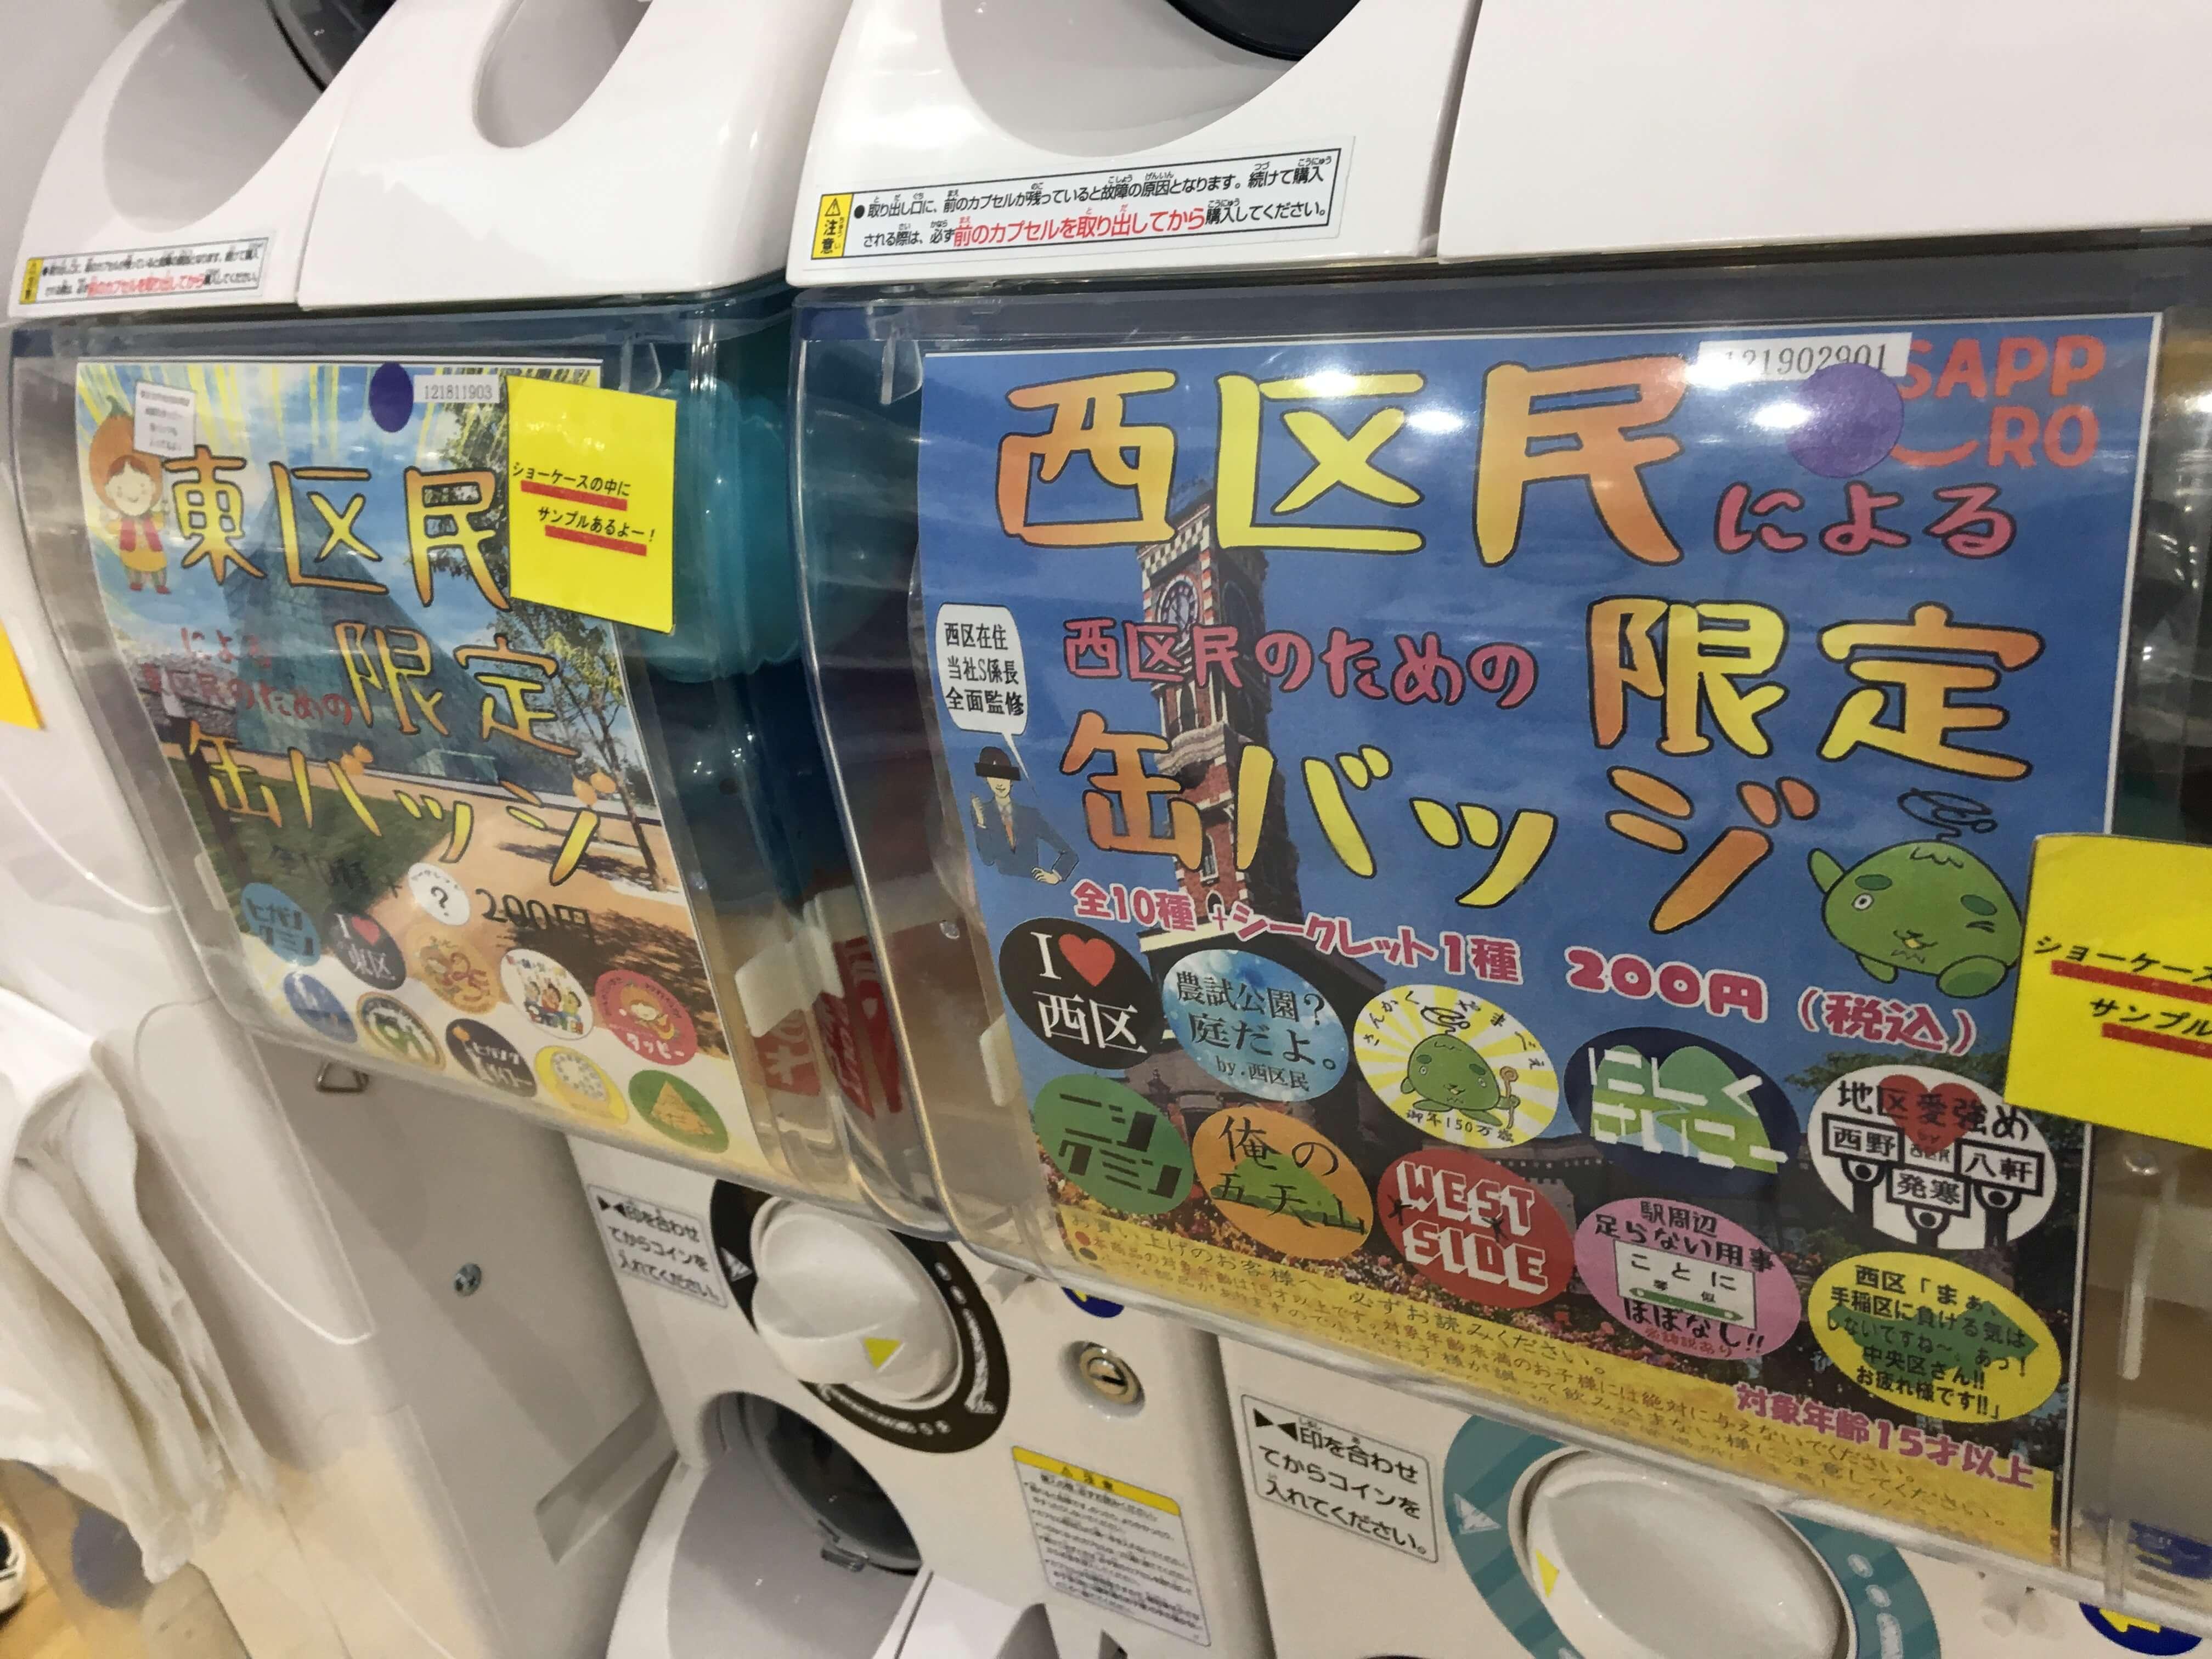 #C-pla(シープラ) 狸小路店にある◯◯区ガチャ